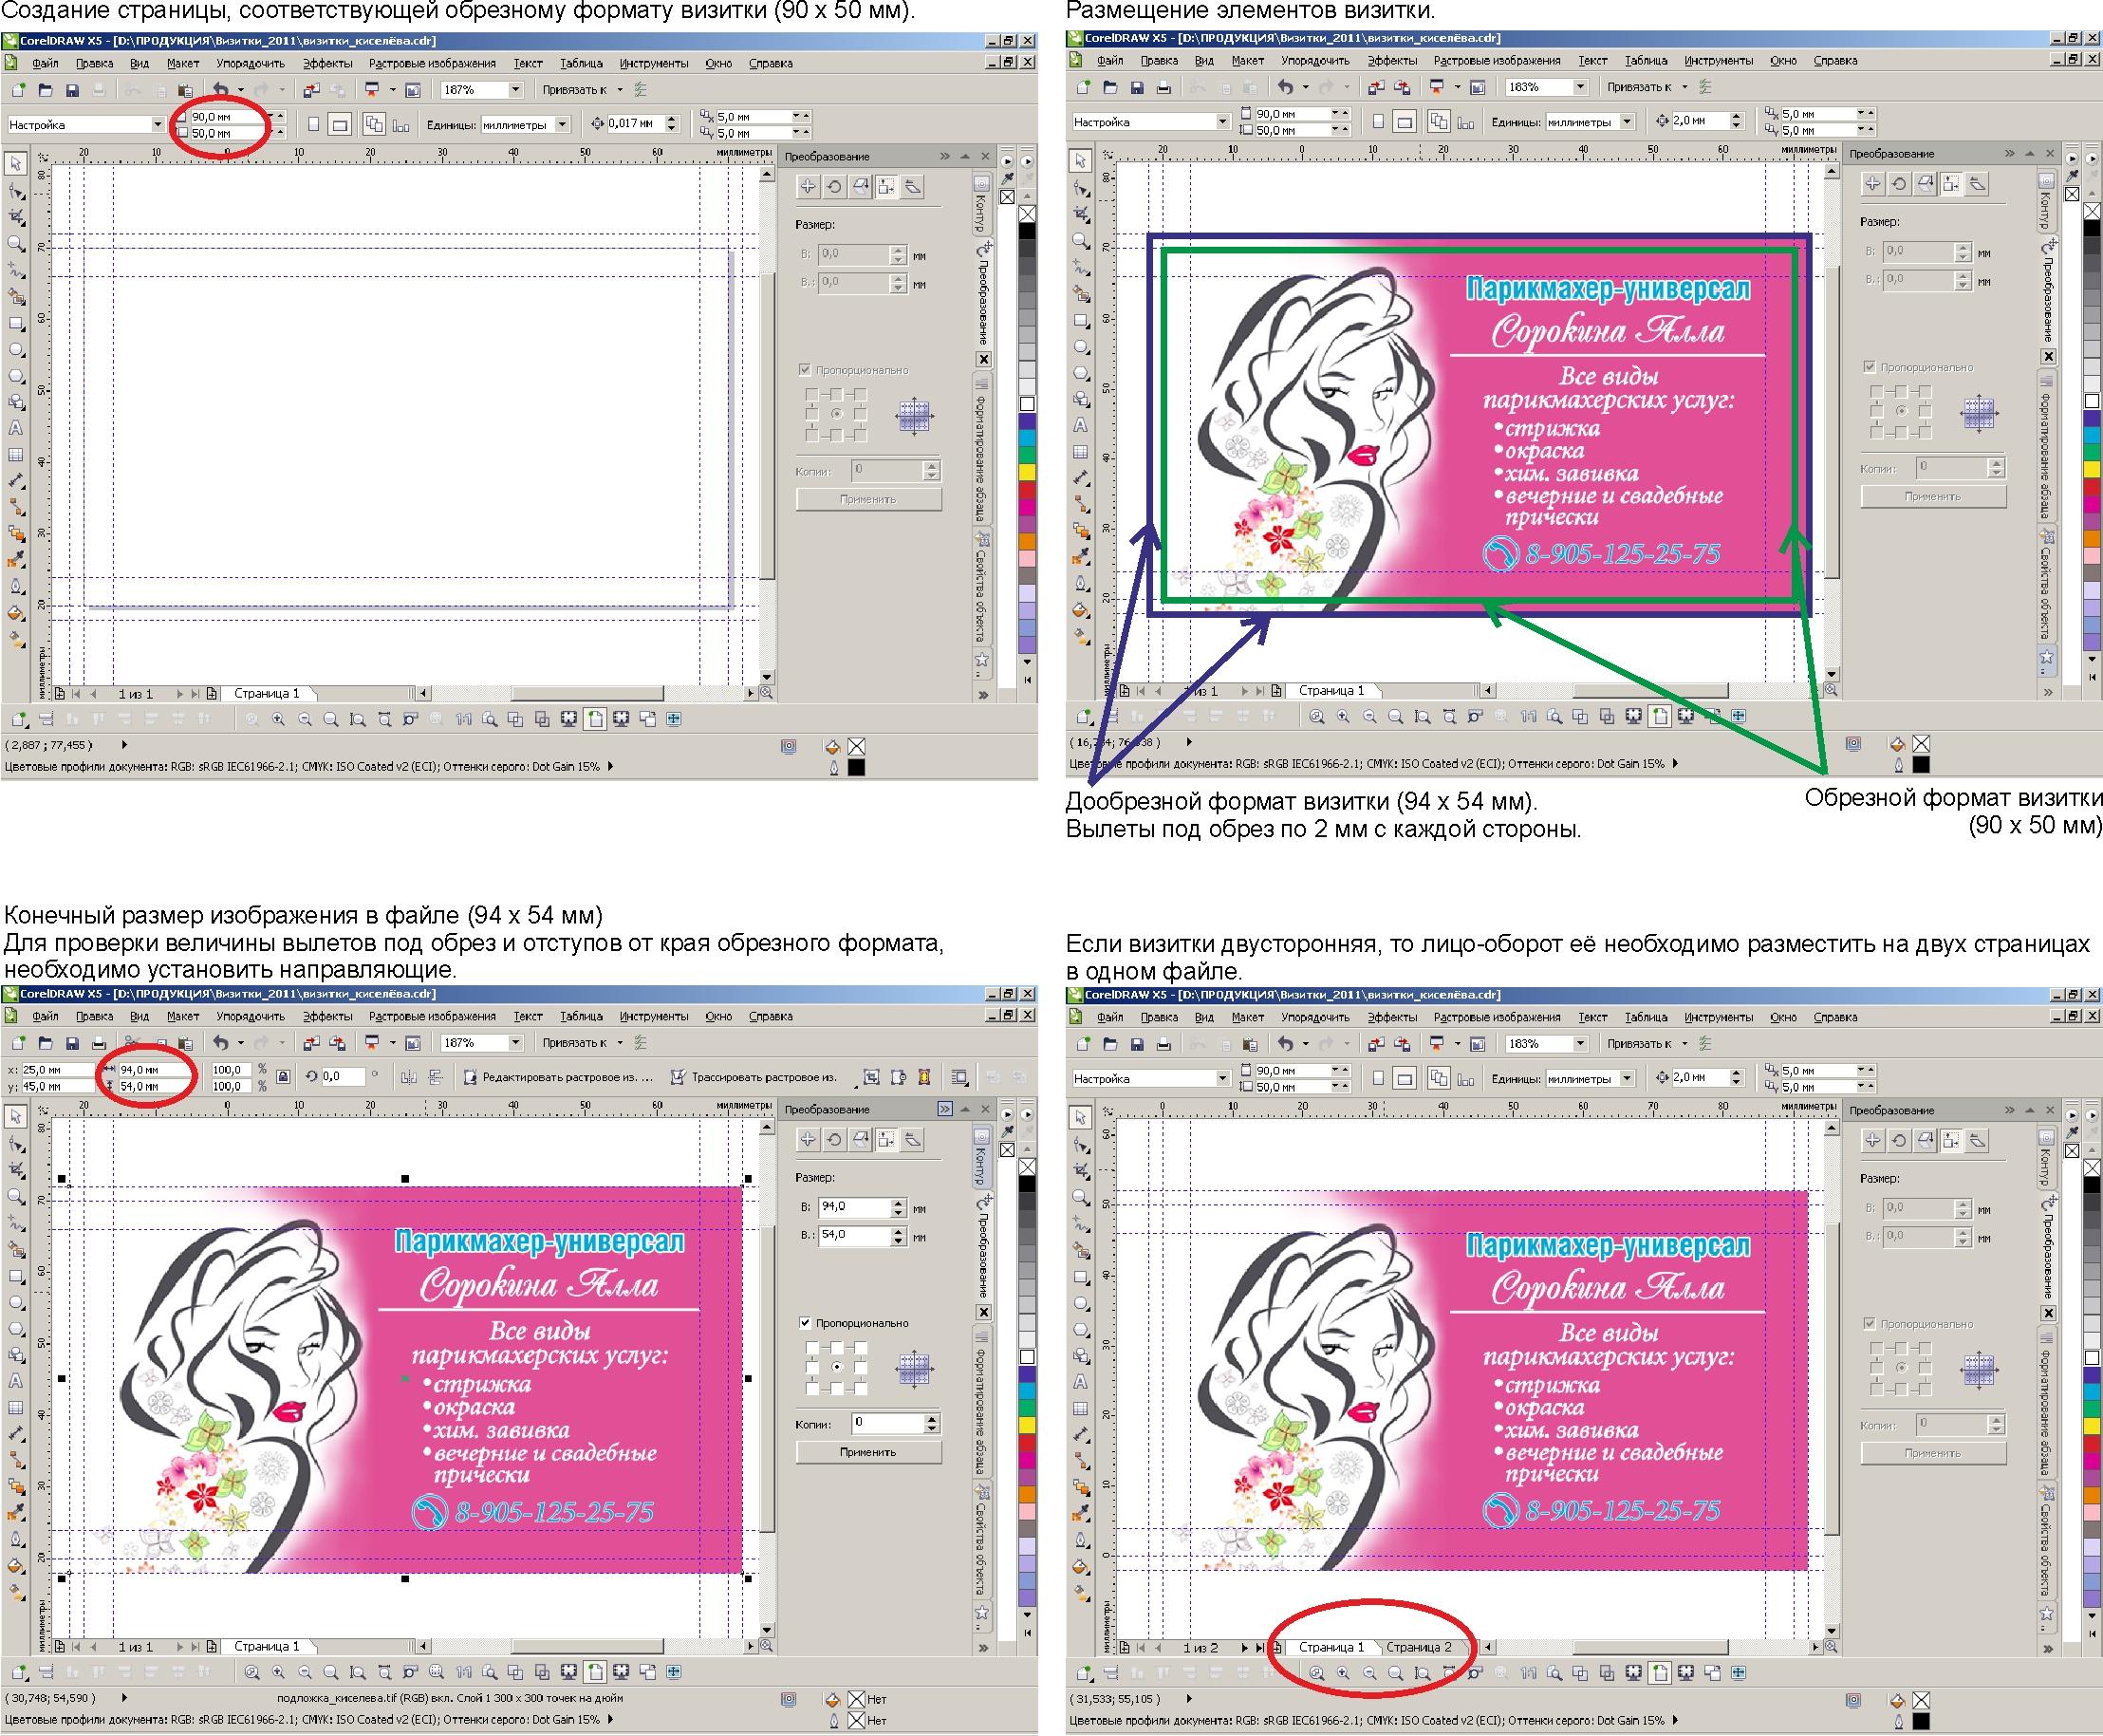 Как проверить в макете дизайна